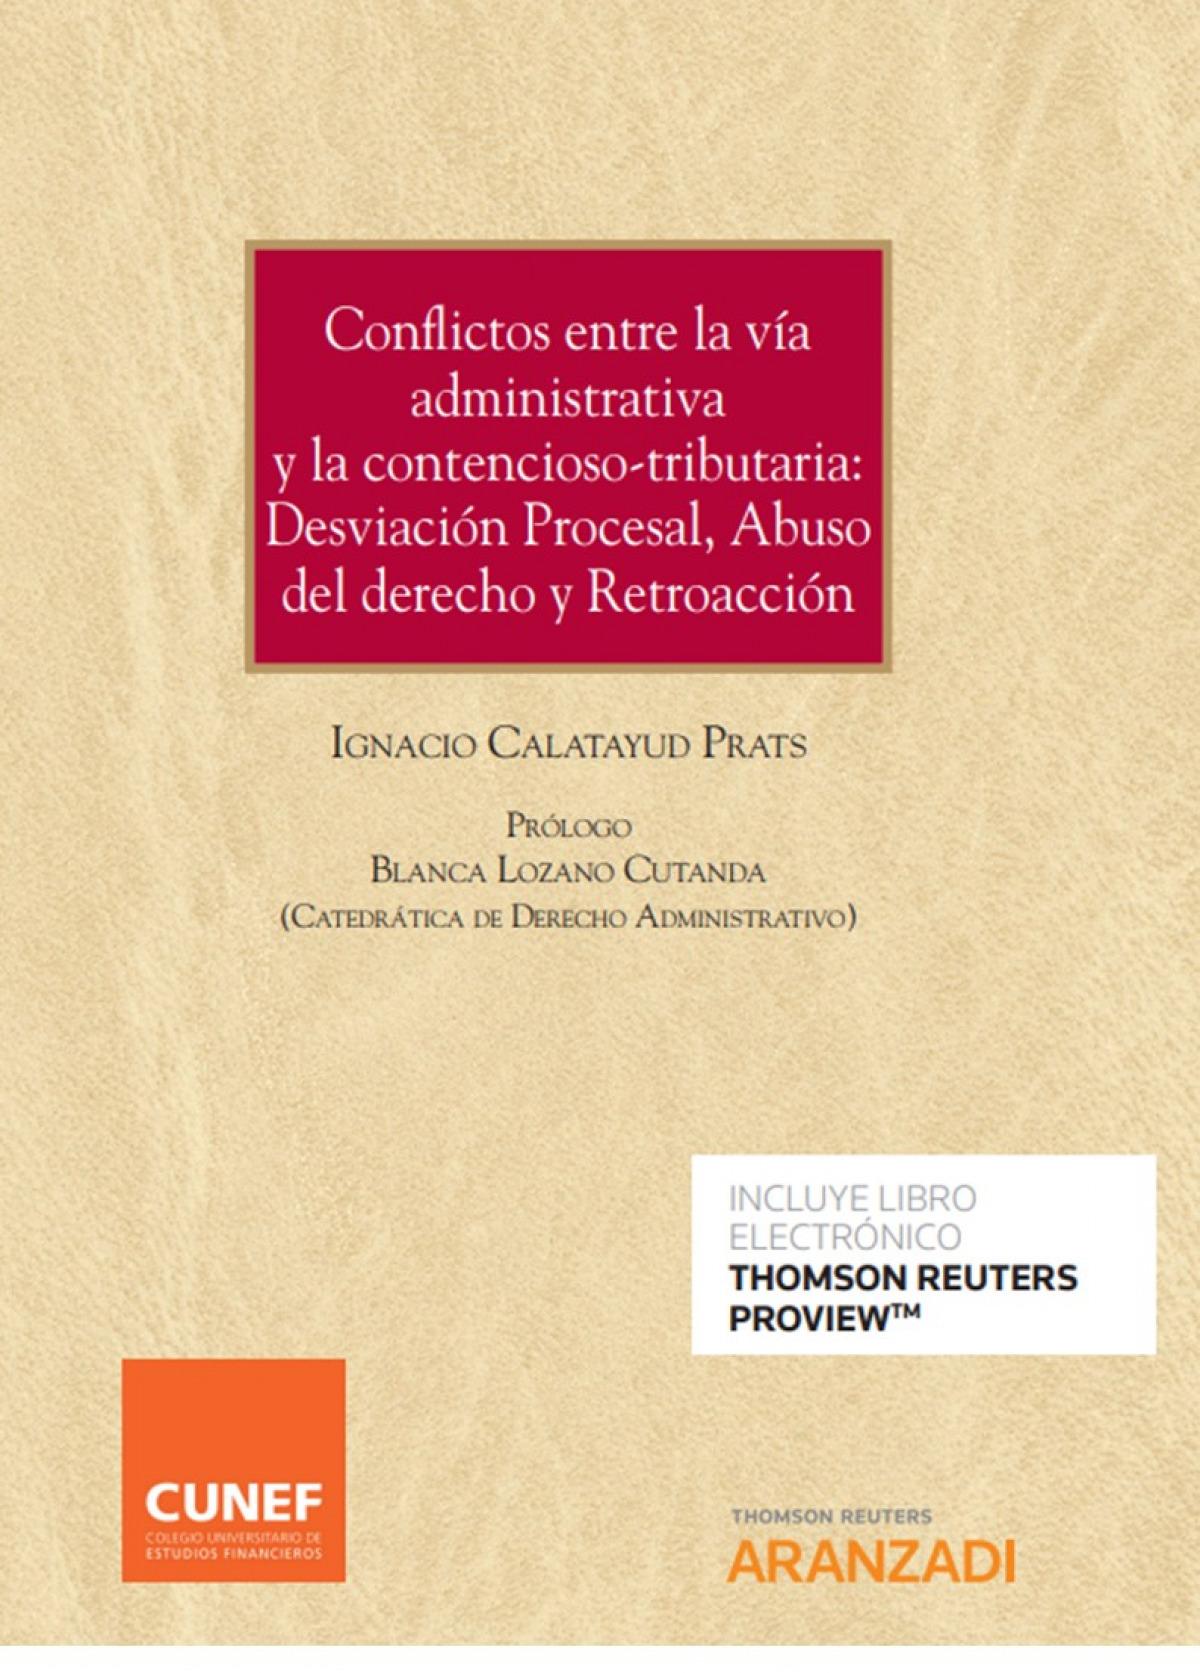 Conflictos entre la v¡a administrativa y la contencioso-tributaria: 9788413455235